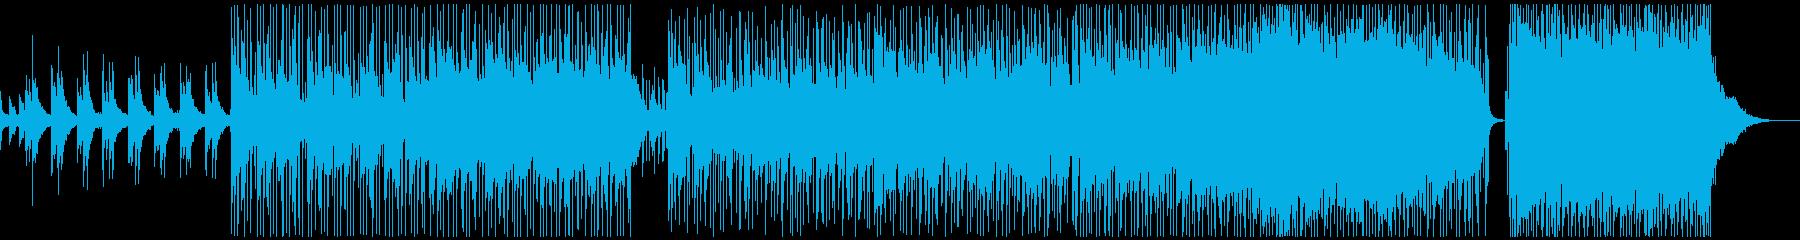 ポップ ロック 代替案 ほのぼの ...の再生済みの波形